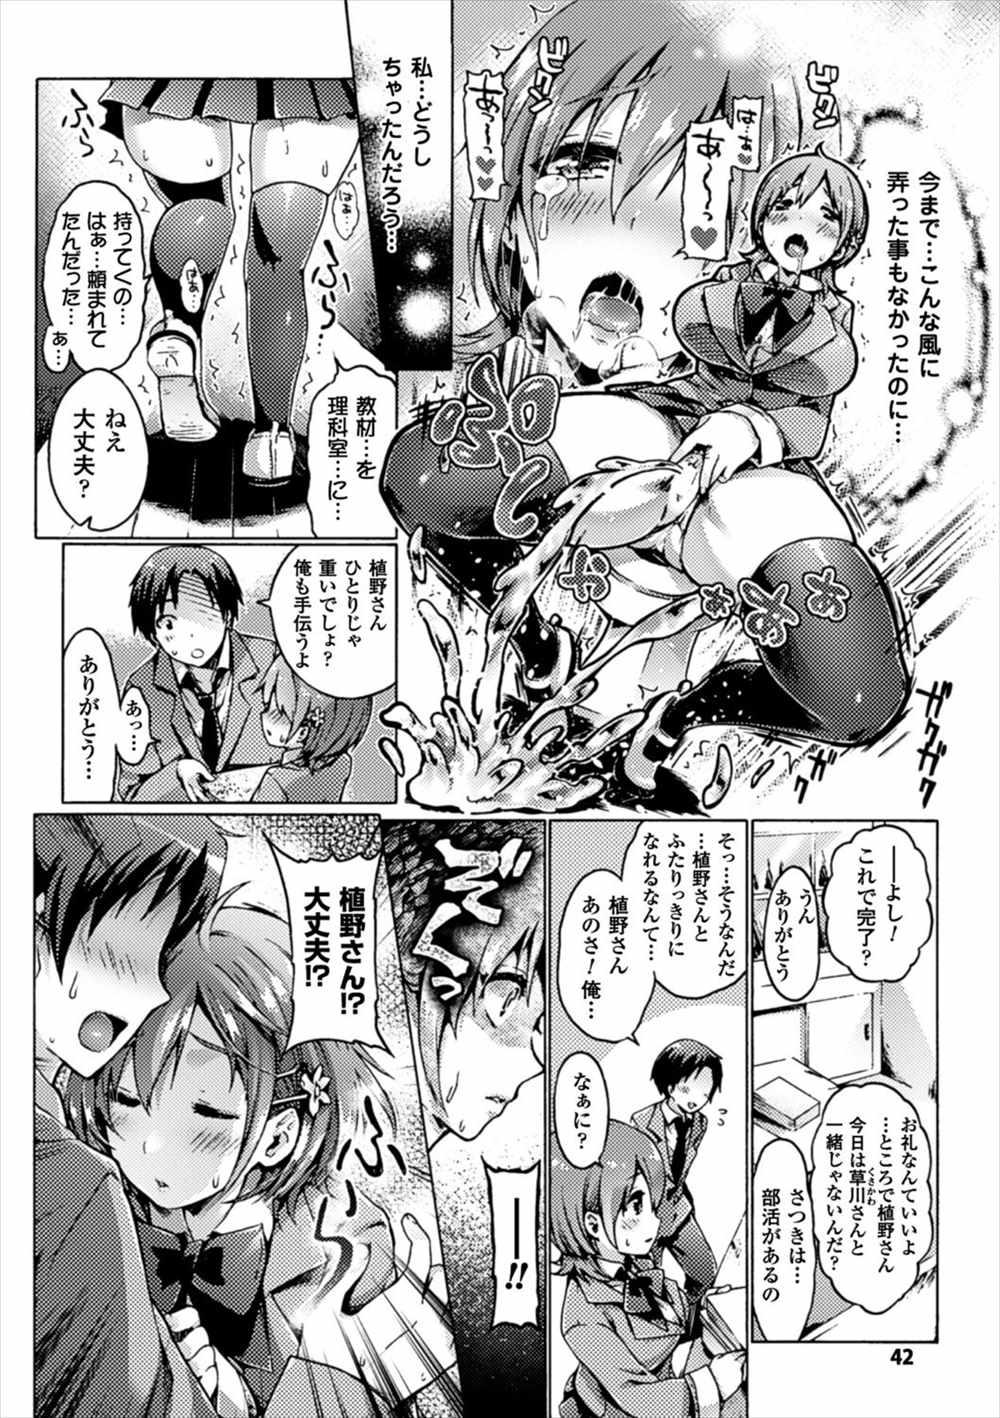 【エロ漫画】虫に寄生されたJKは発情してオナニー…友達JKにもチンコ生やされて百合レズセックスでアヘ顔快楽堕ちwww